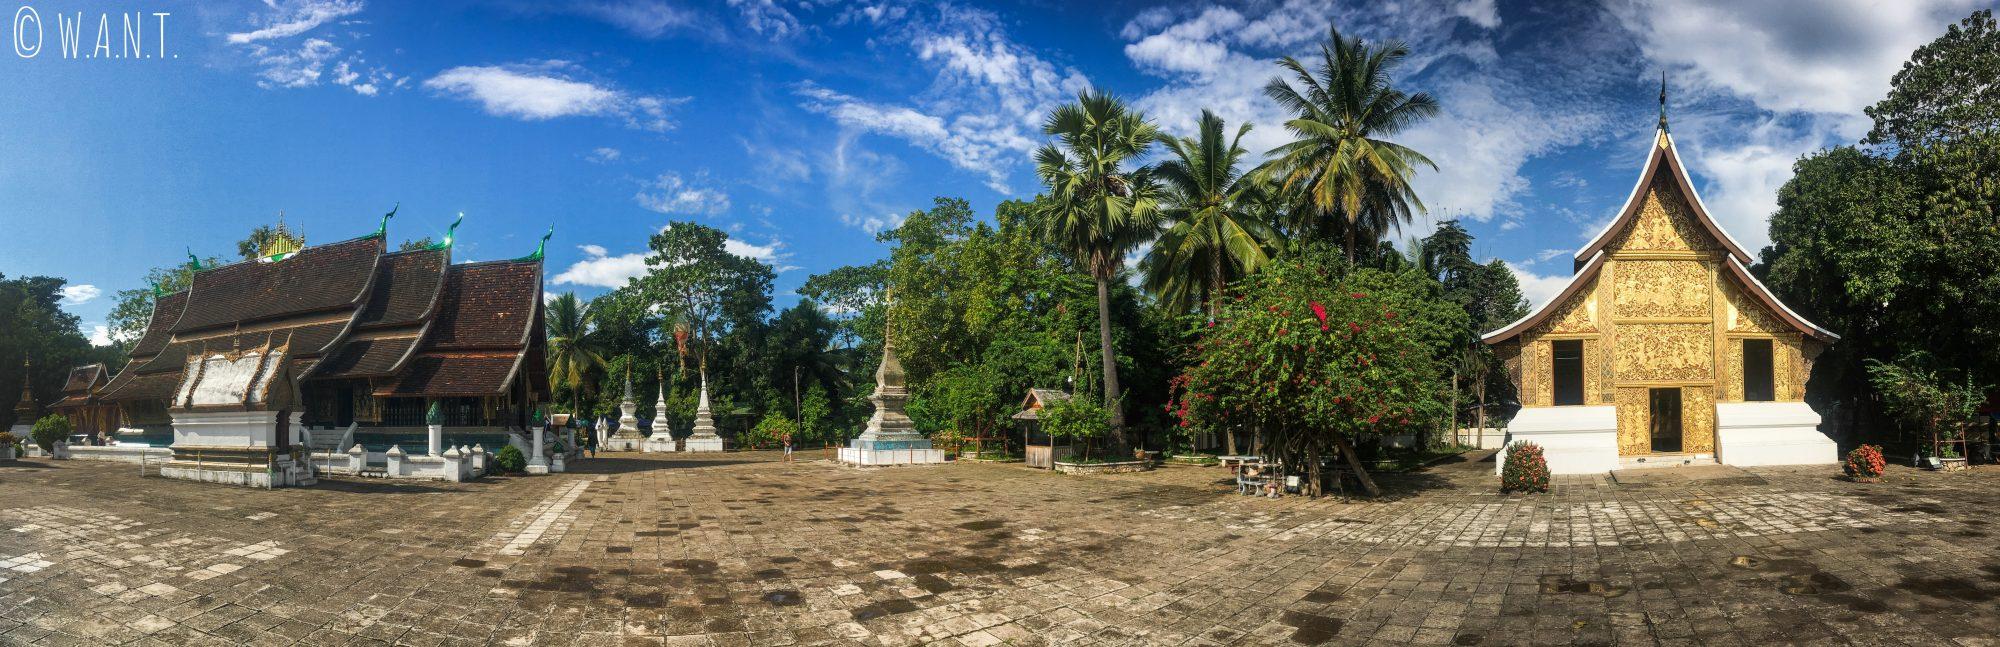 Panorama du Vat Xieng Thong de Luang Prabang